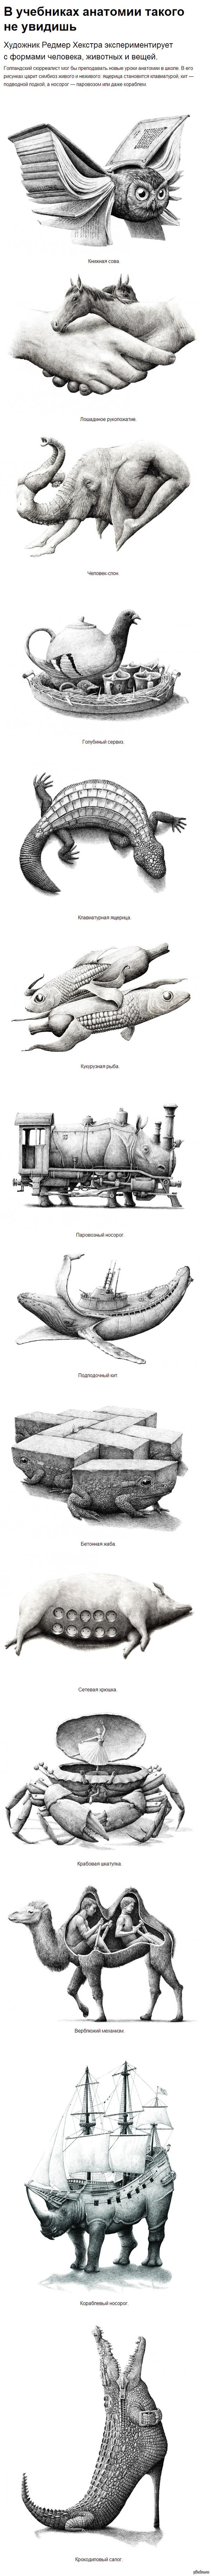 Странная анатомия (в комментариях еще)